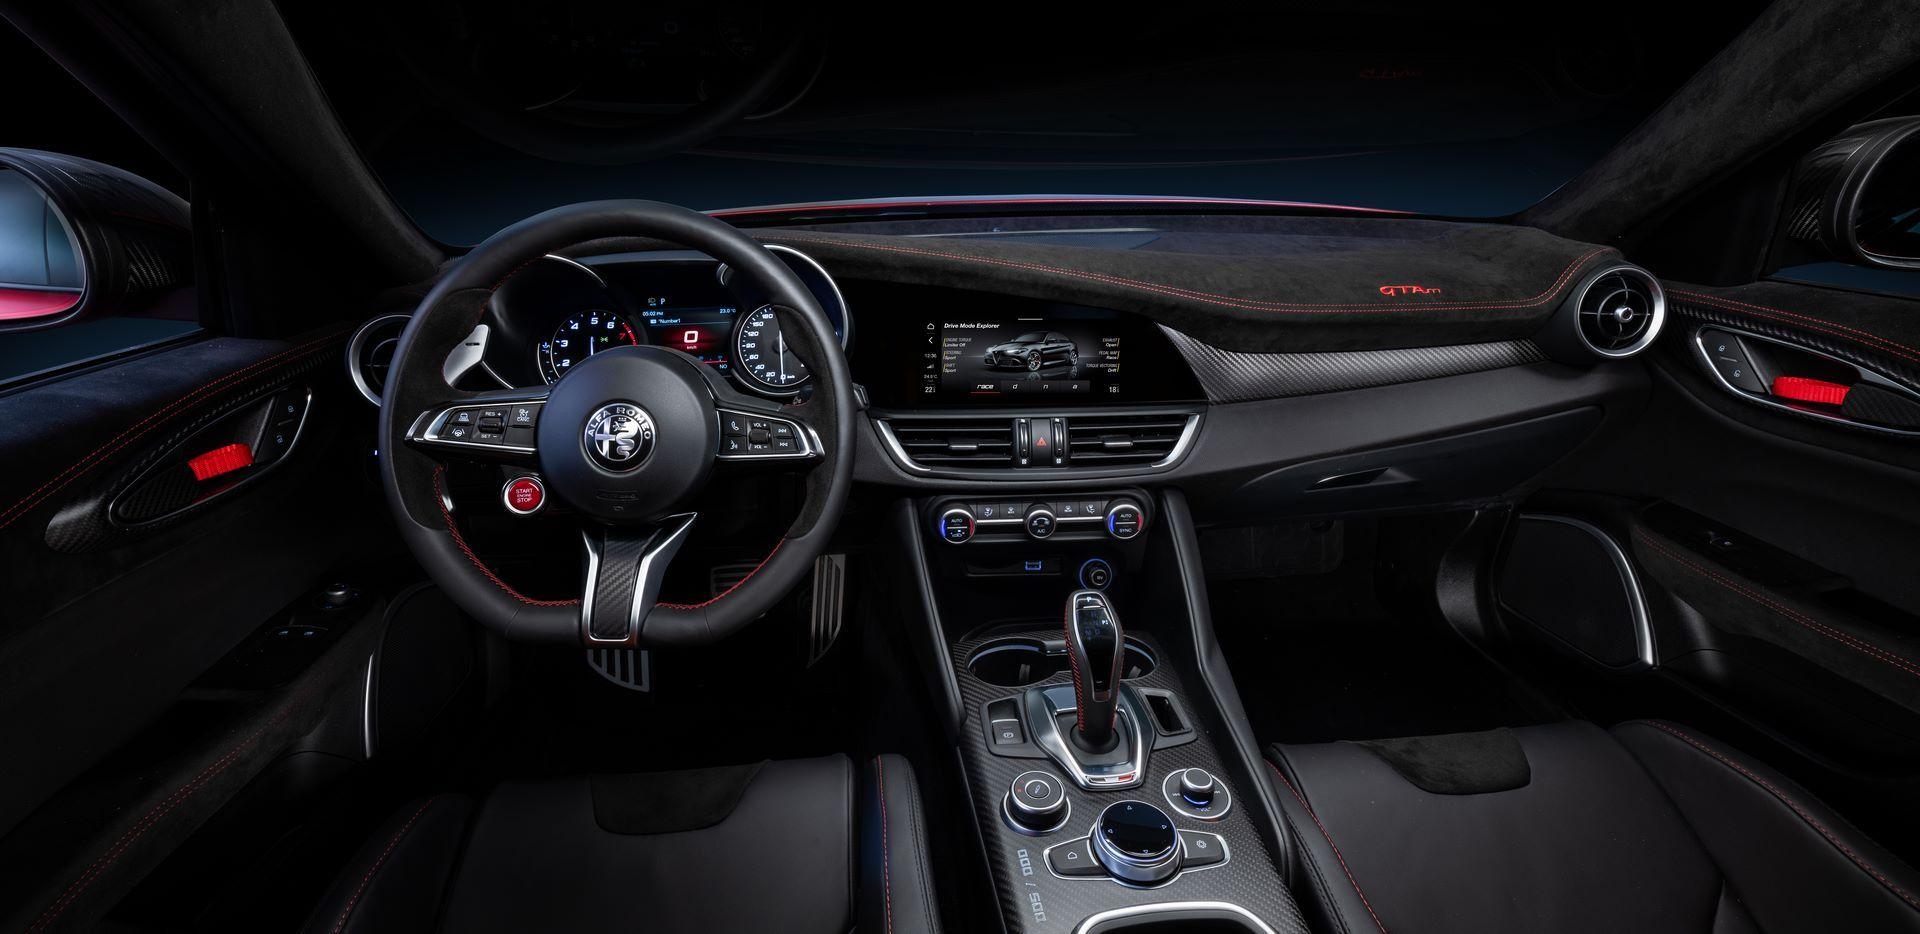 Alfa-Romeo-Giulia-GTA-and-GTAm-26